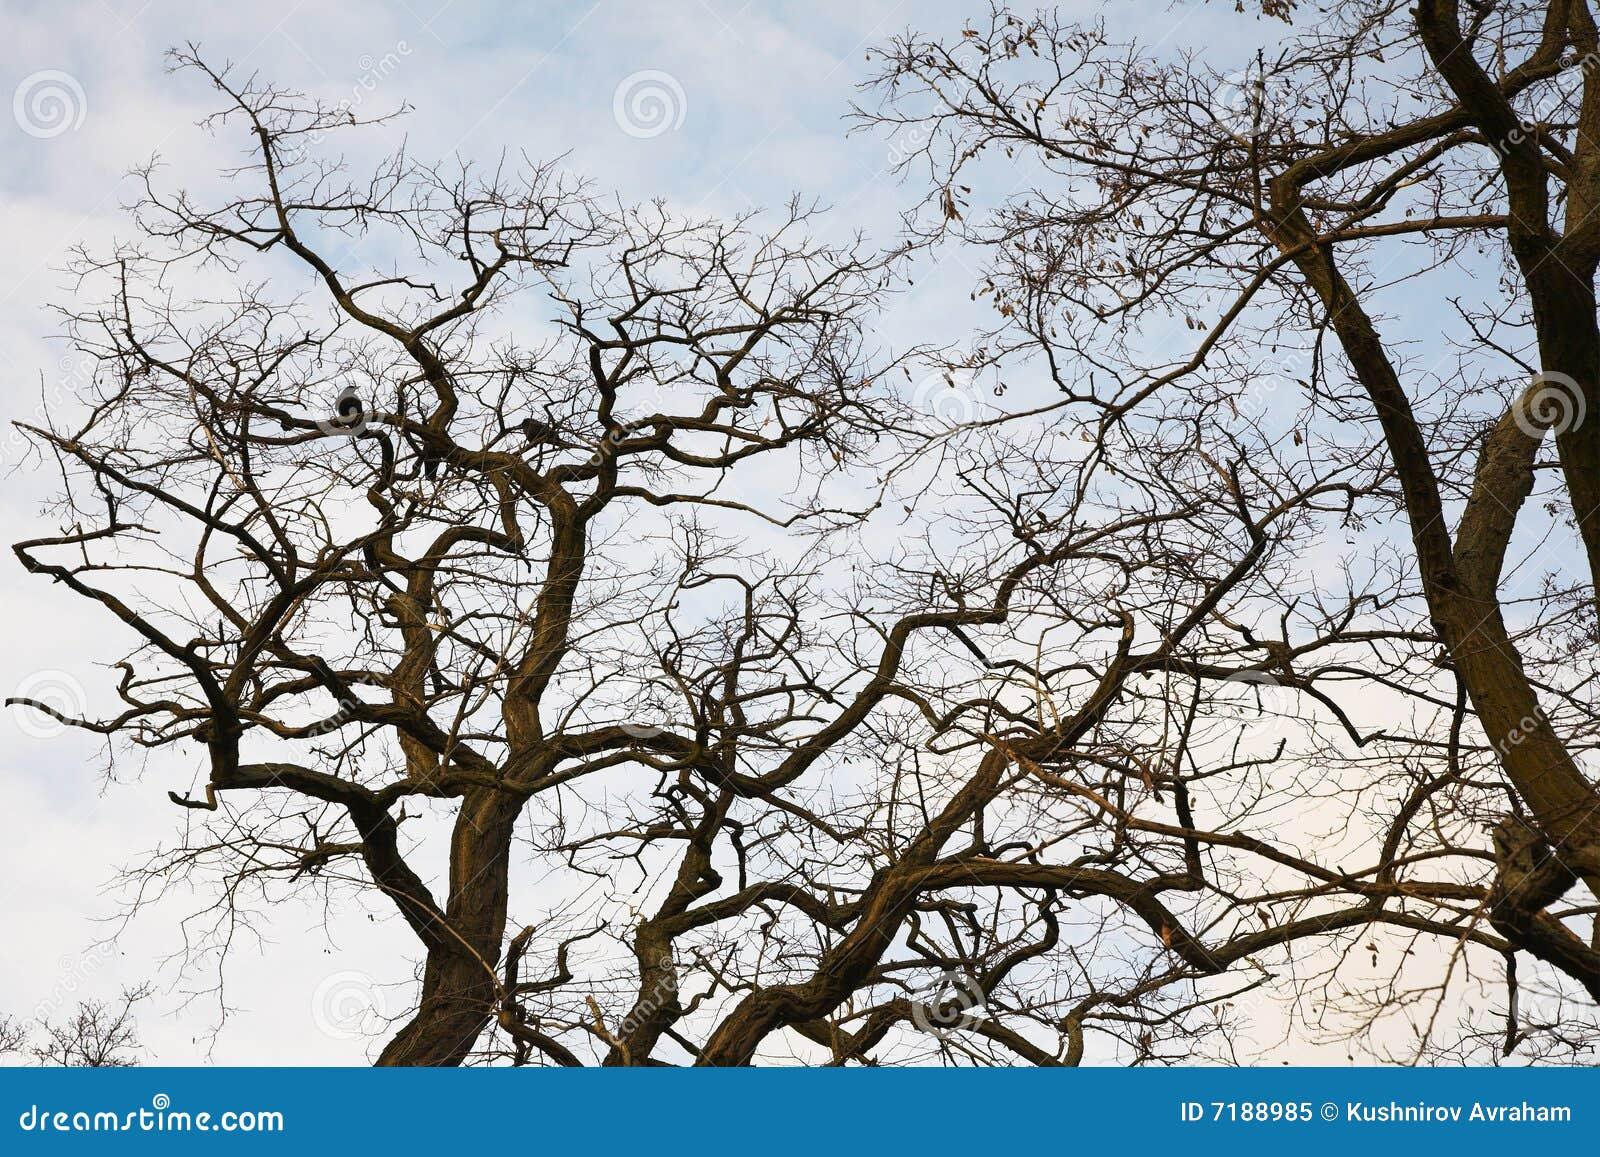 τα προσεγγισμένα πουλιά έχουν πρώτα την άνοιξη